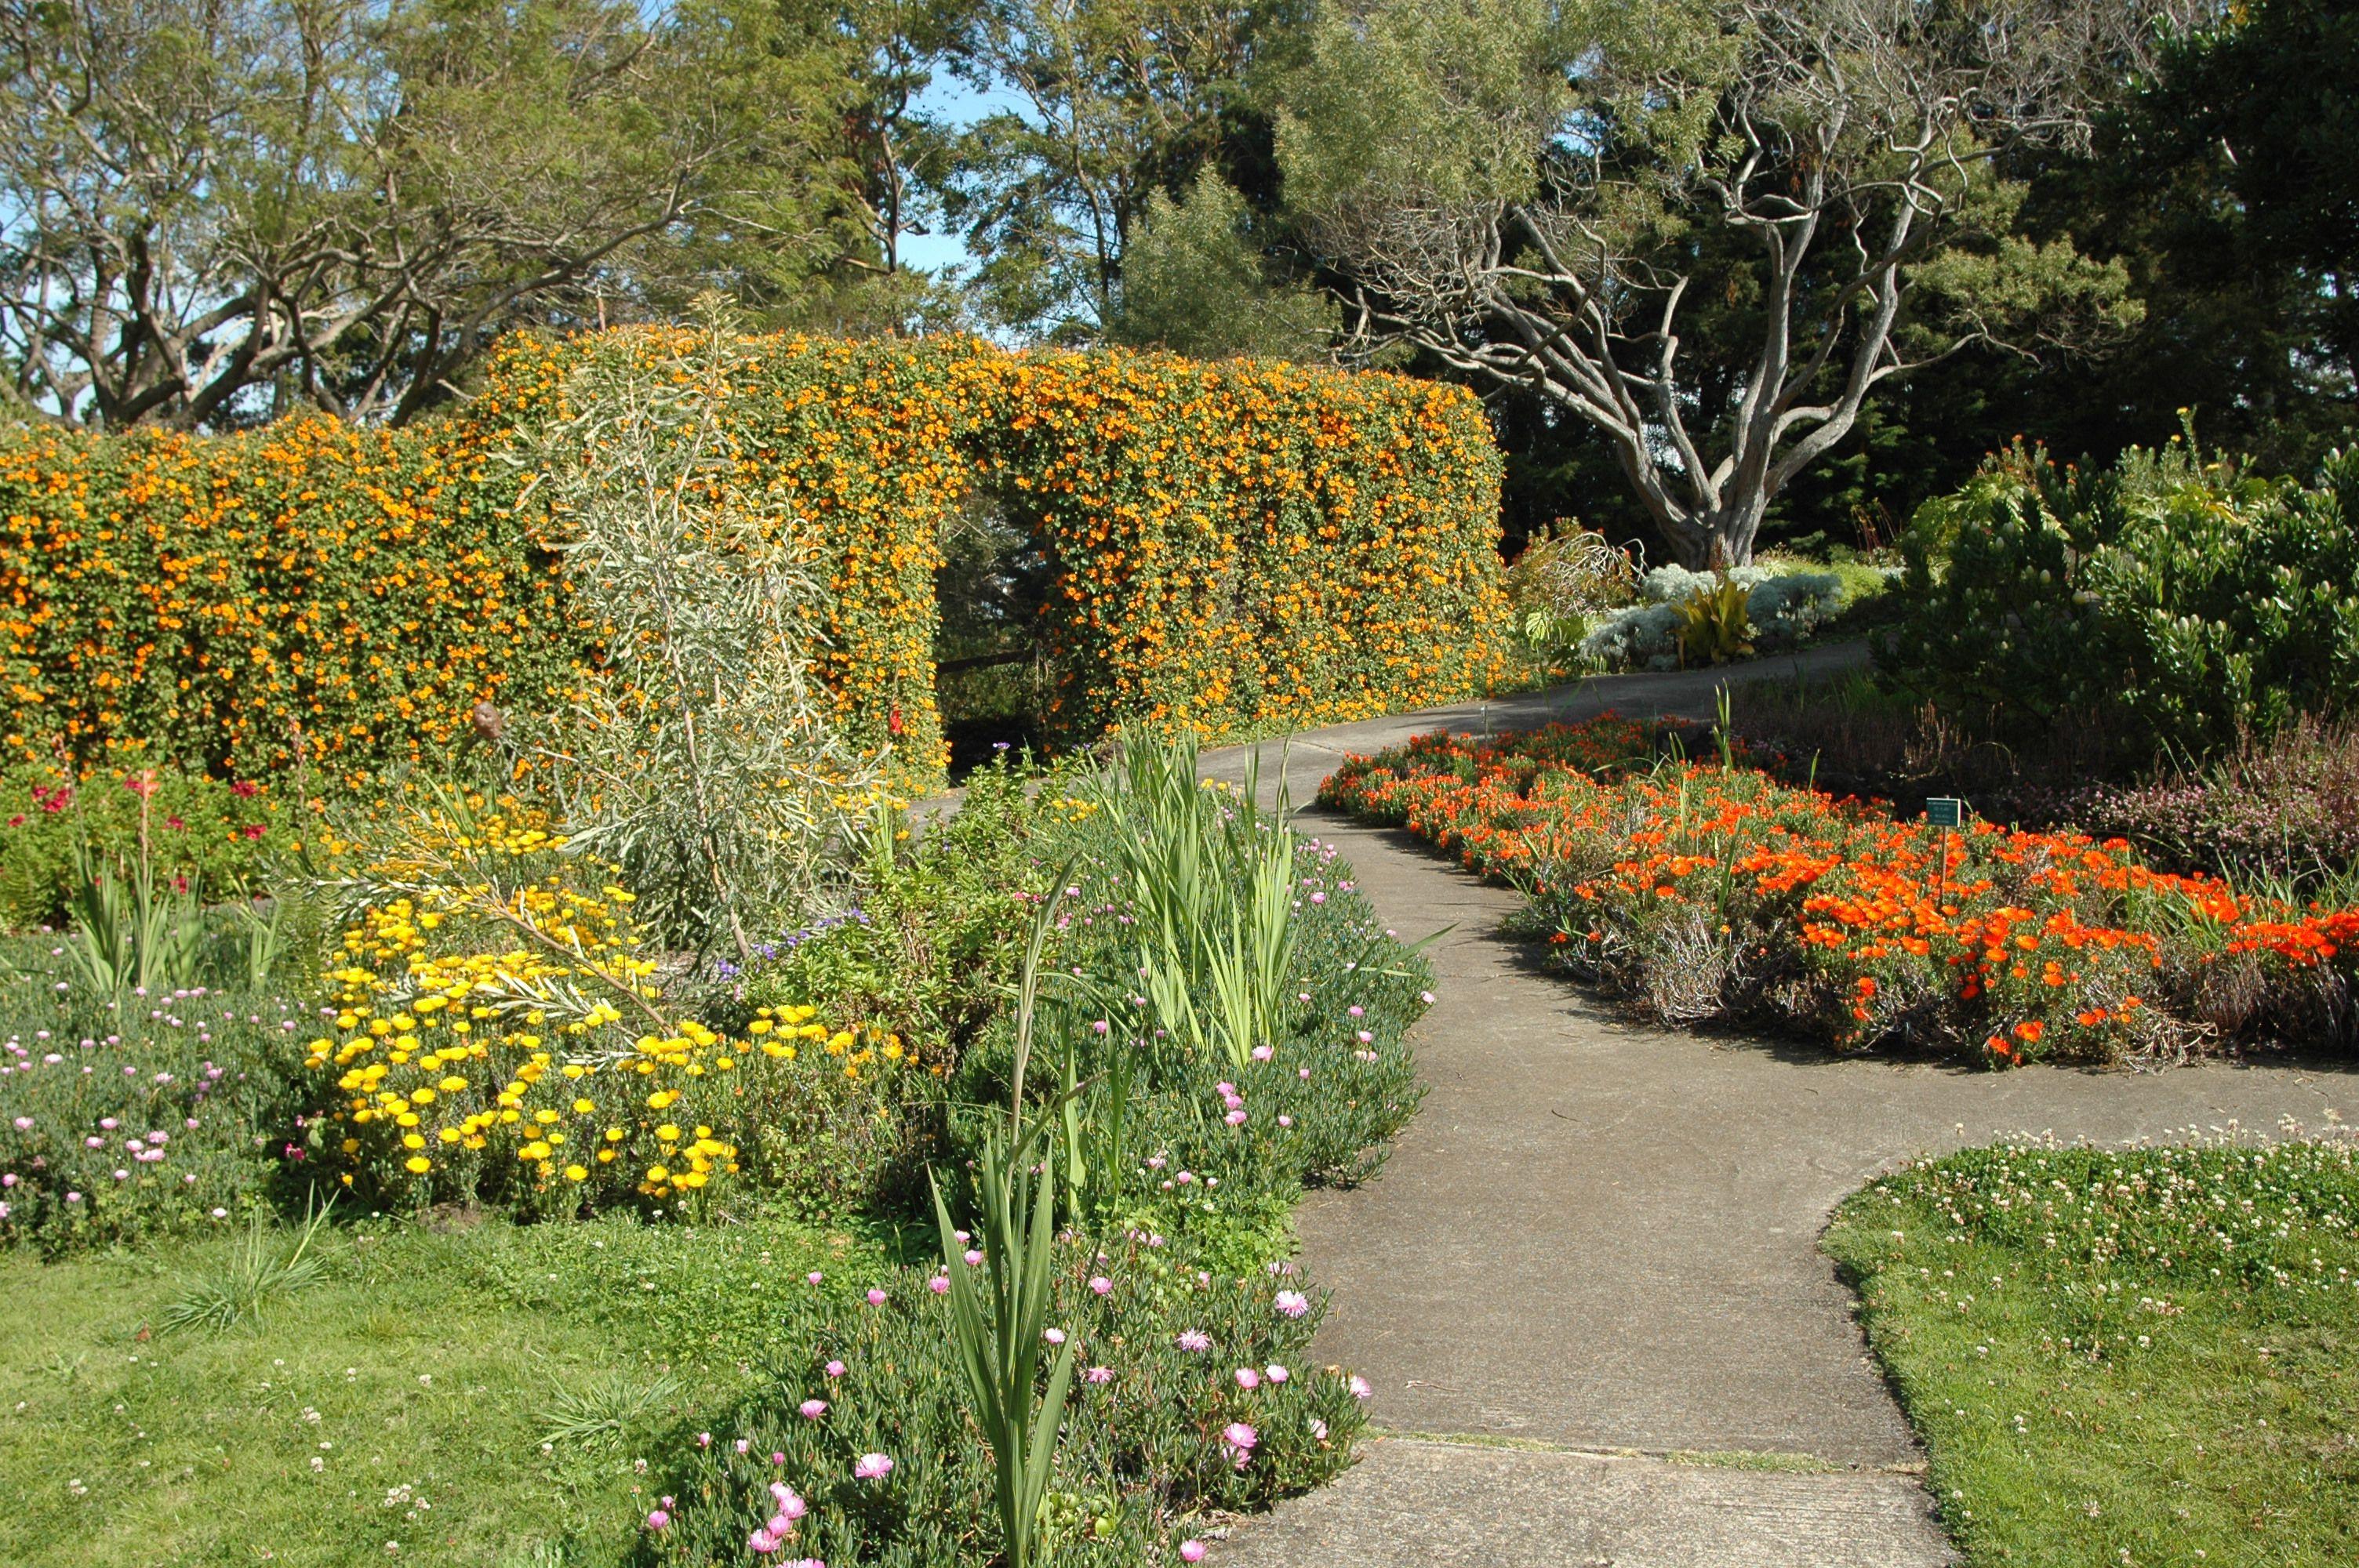 Maui\'s Botanical Gardens Show Hawaii\'s Floral Spendor